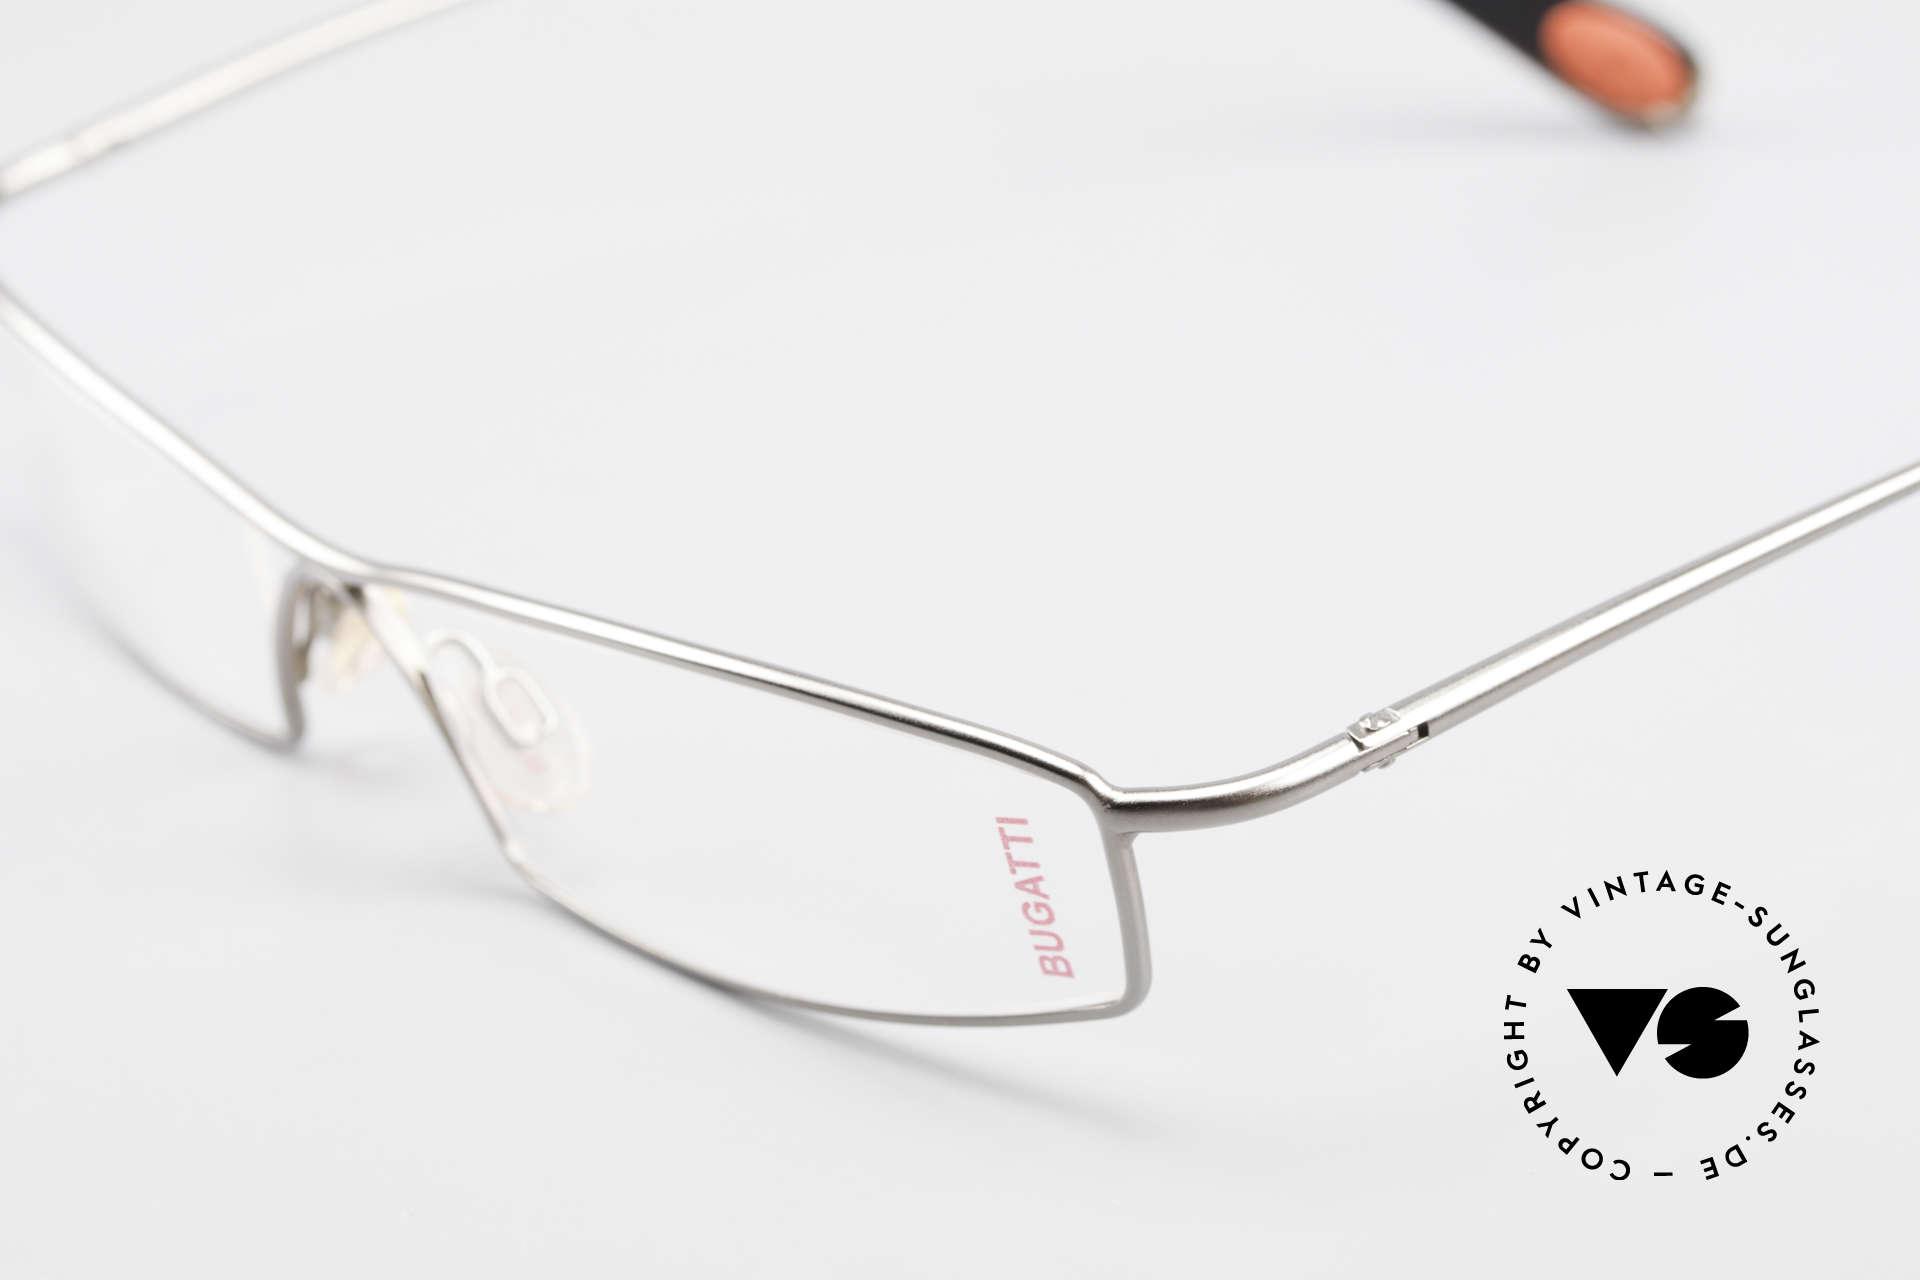 Bugatti 204 Odotype Vintage Luxus Brille Limited, ein circa 15 Jahre altes Einzelstück; ungetragen, Passend für Herren